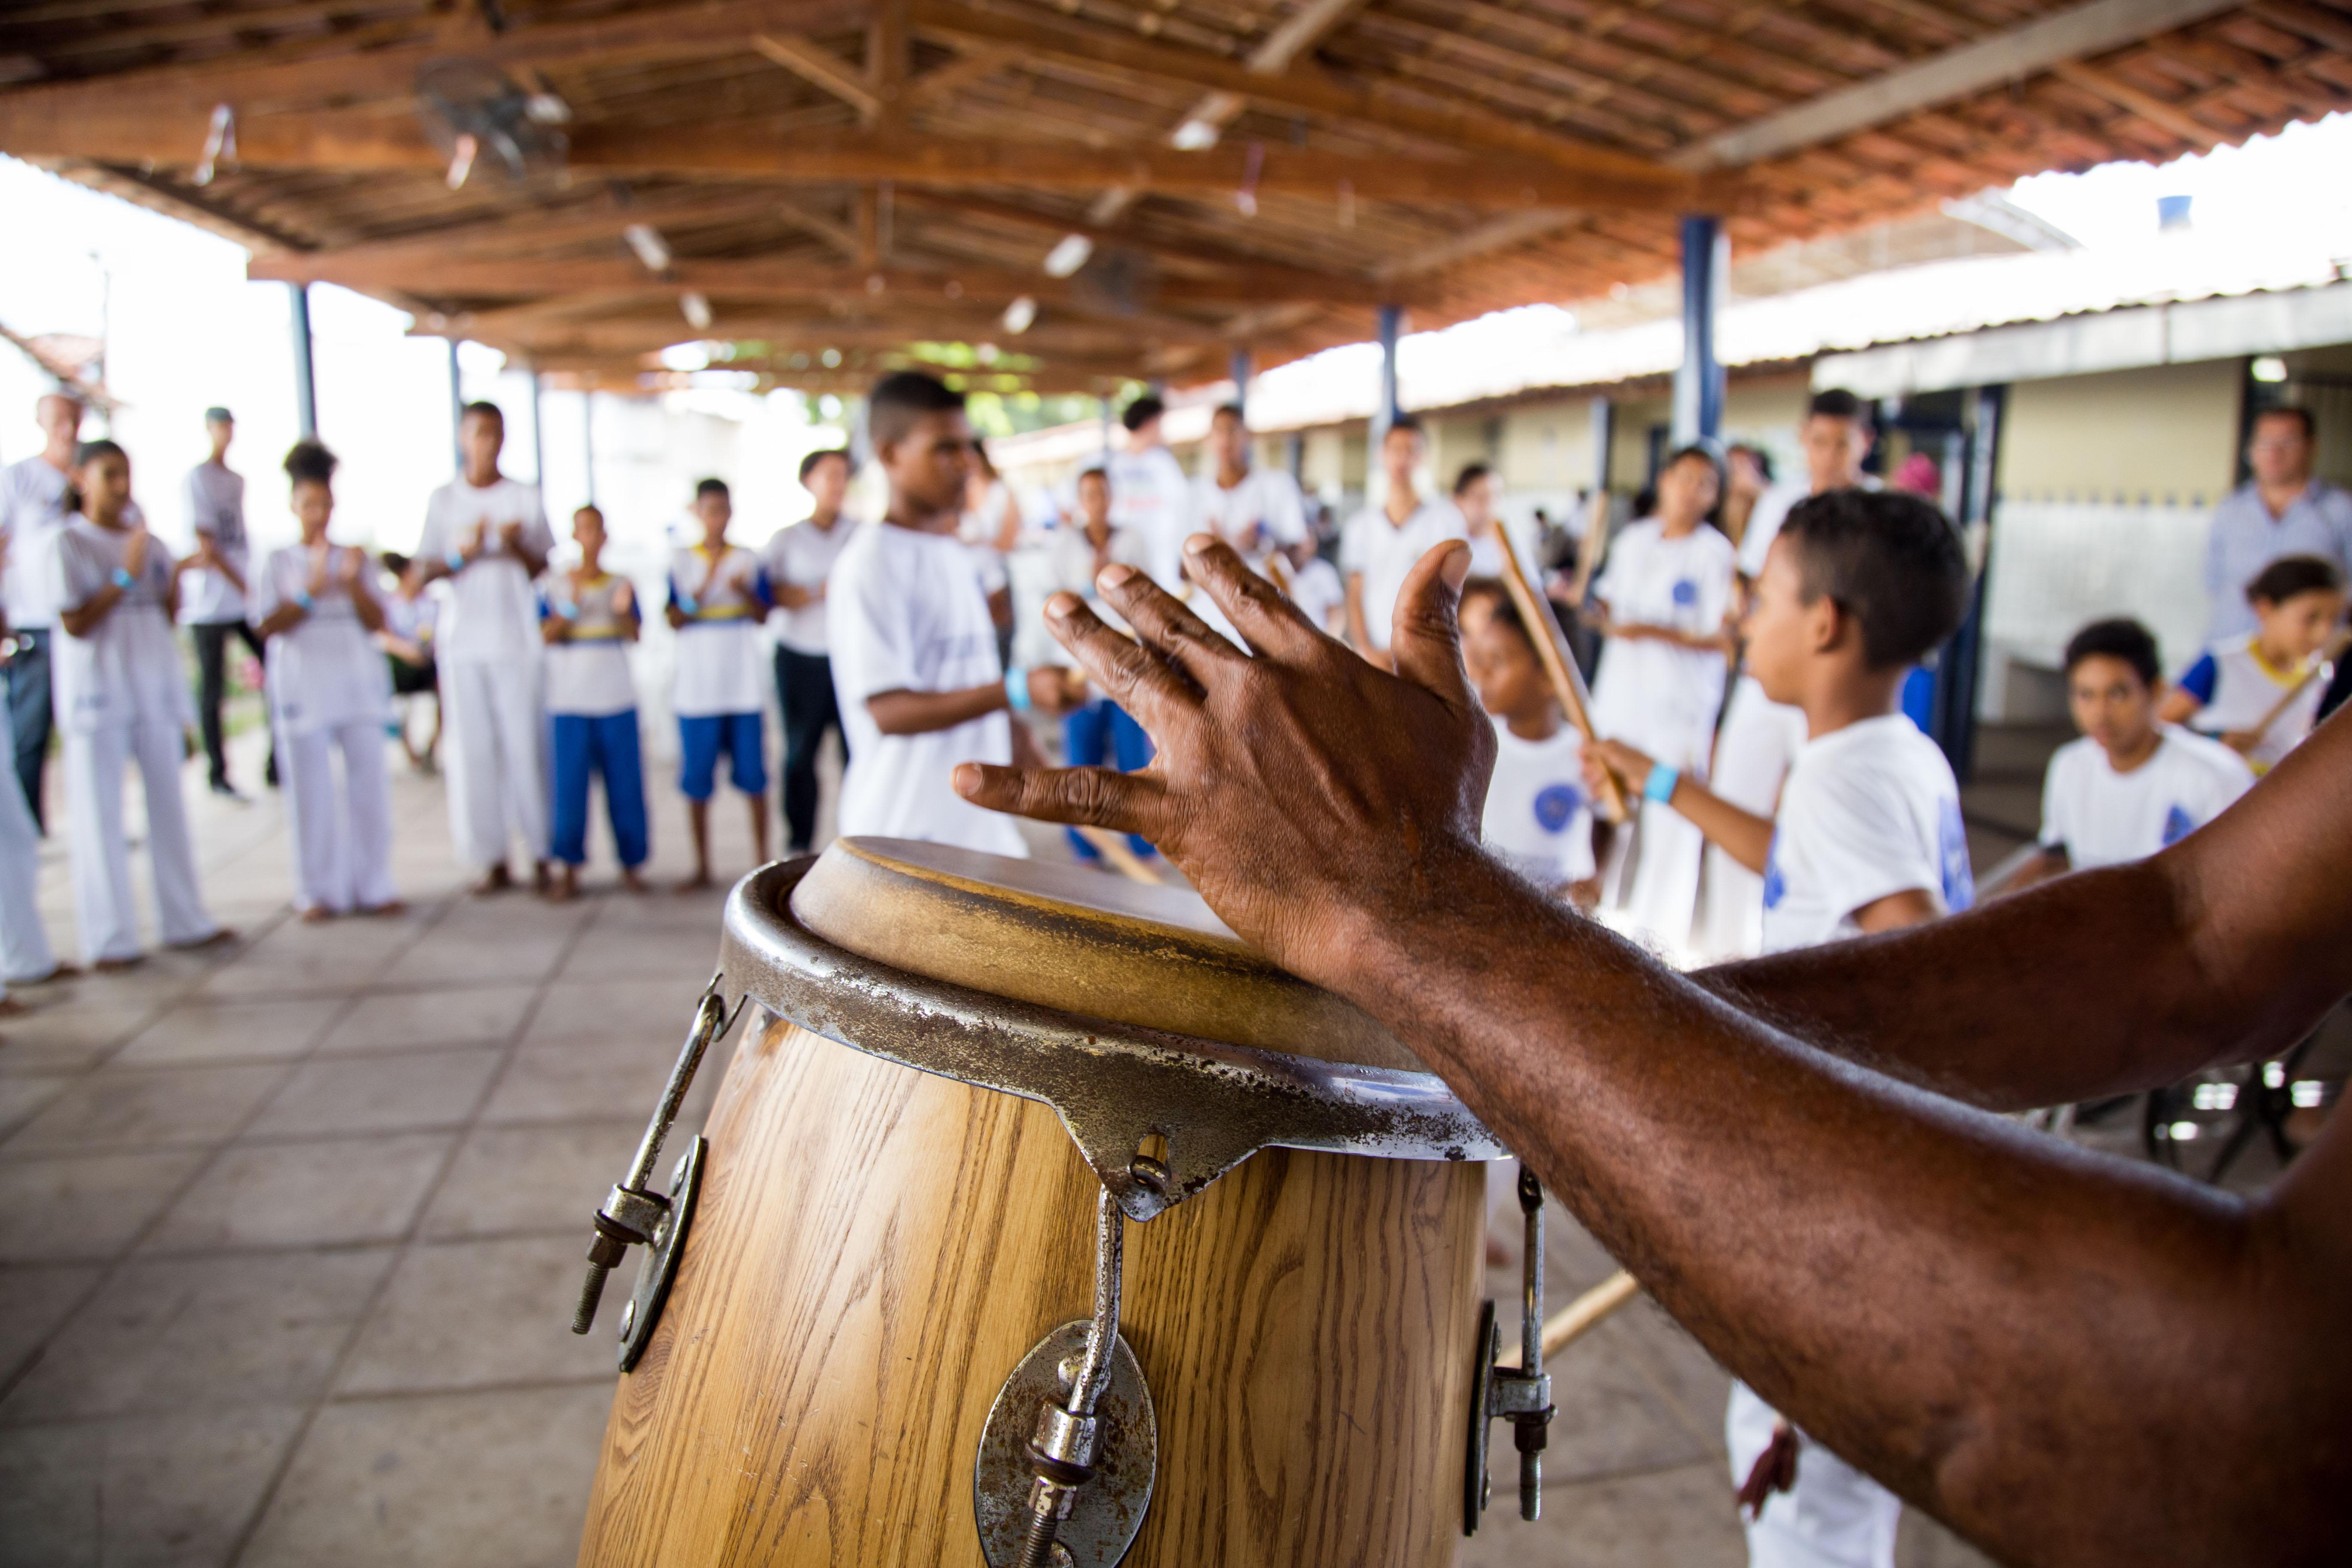 Mão toca o instrumento atabaque (tambor alto), enquanto crianças jogam capoeira ao fundo.